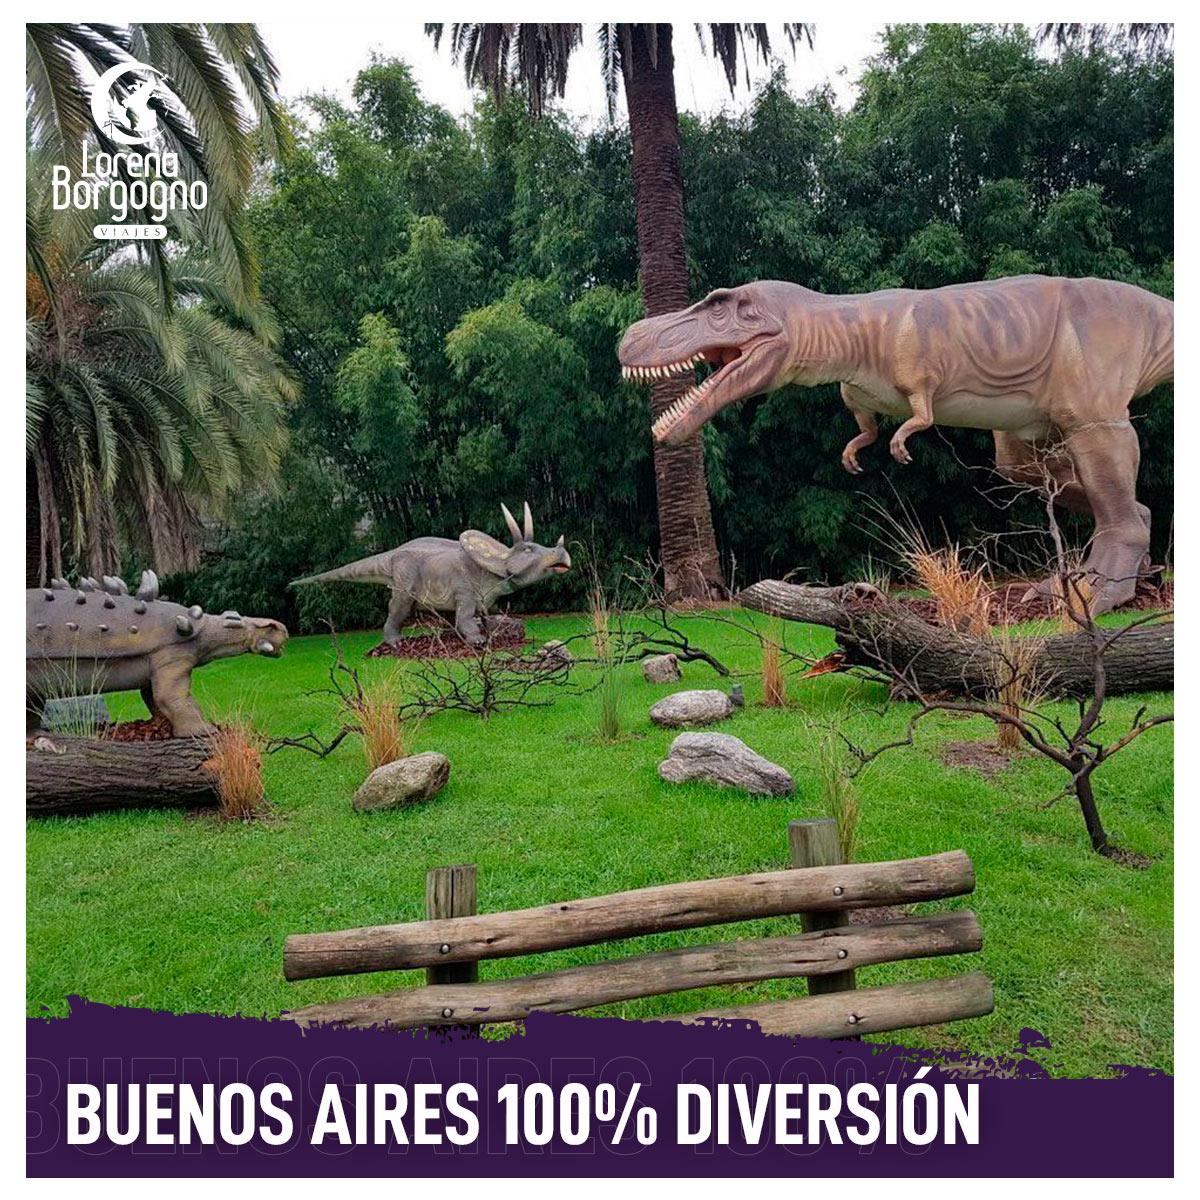 BUENOS AIRES 100% DIVERSIÓN